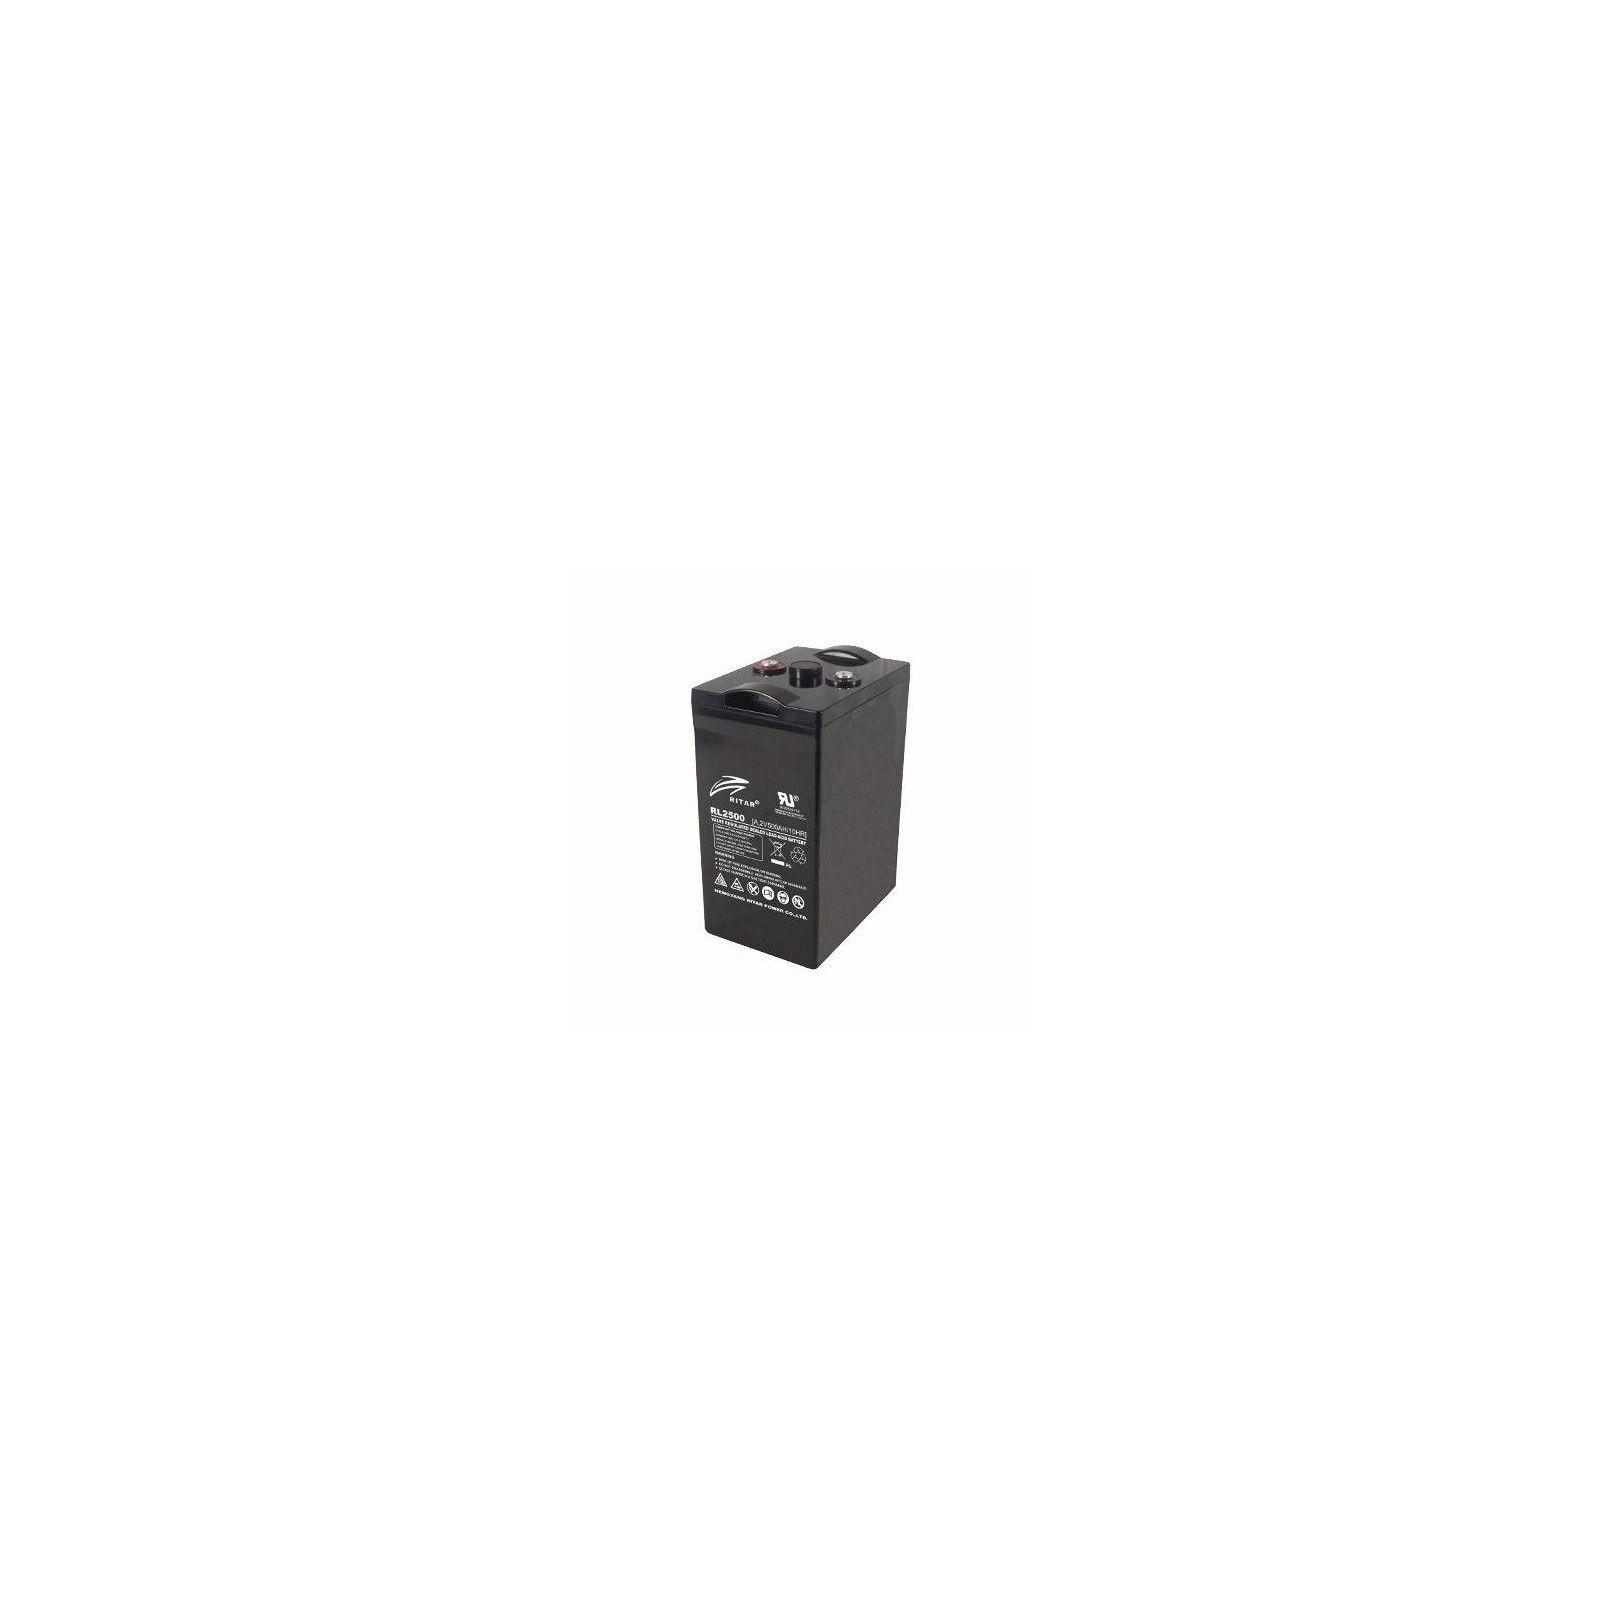 Batería Ritar RL21200 1200Ah 2V Rl RITAR - 1